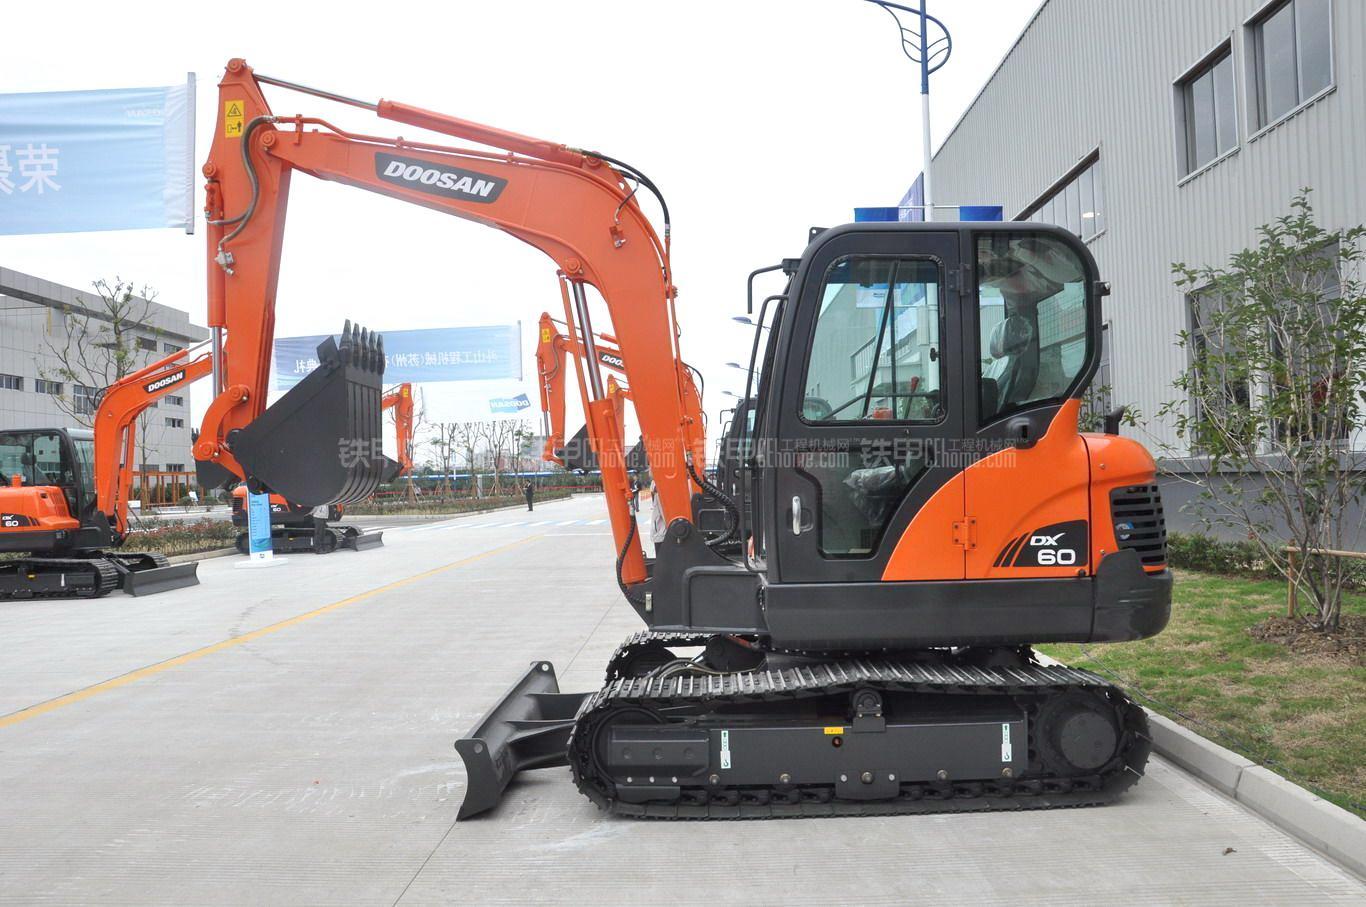 斗山DX60挖掘机整机外观